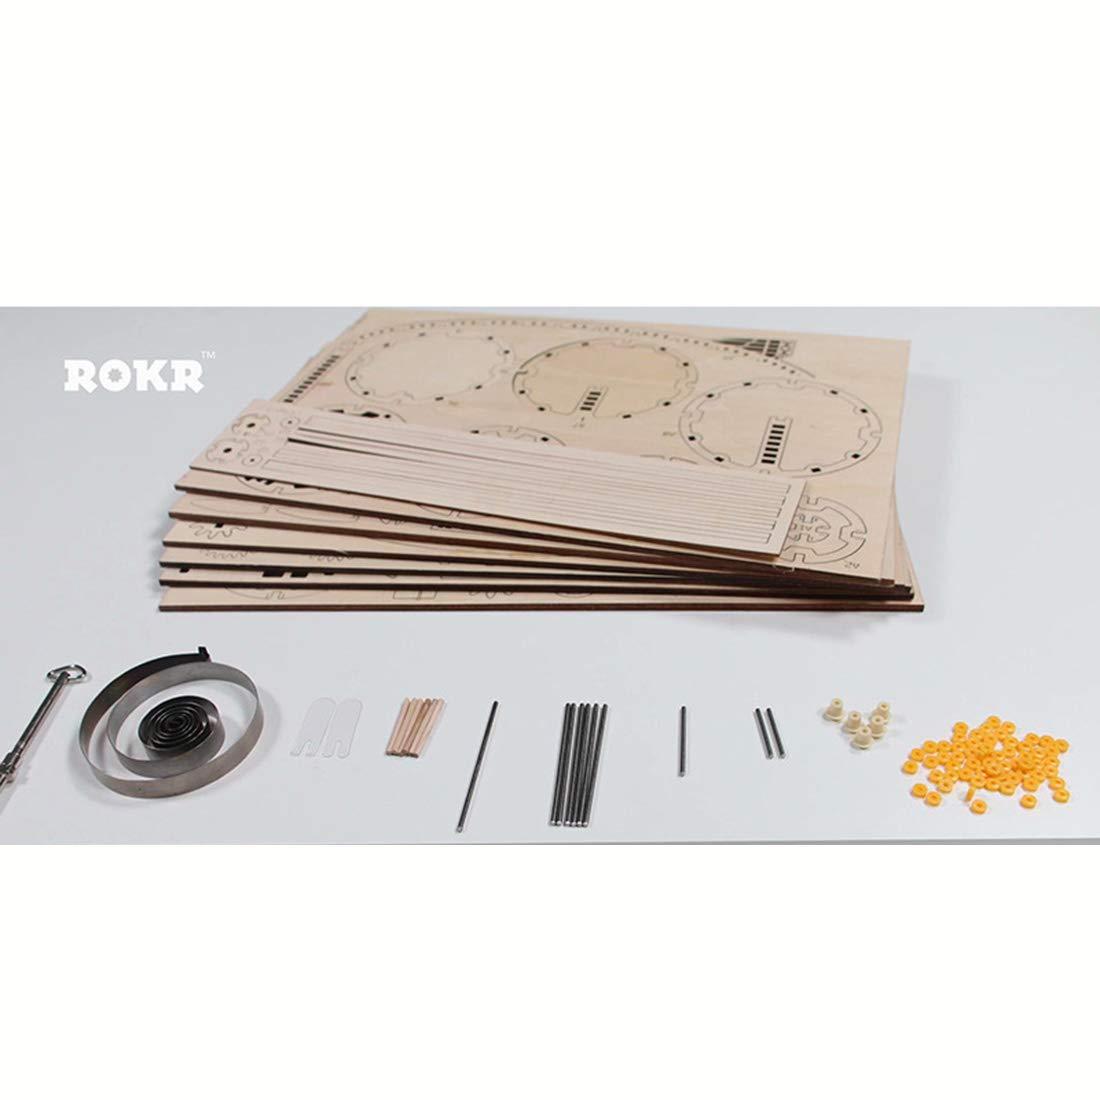 Foxom Robotime 3D Puzzle Lasergeschnittenes Holzpuzzle Holzpuzzle Holzpuzzle - Luftfahrzeug Hölzernes Puzzle Montage Konstruktor Kit - Geschenk für Erwachsene Kinder ab 8 c10579